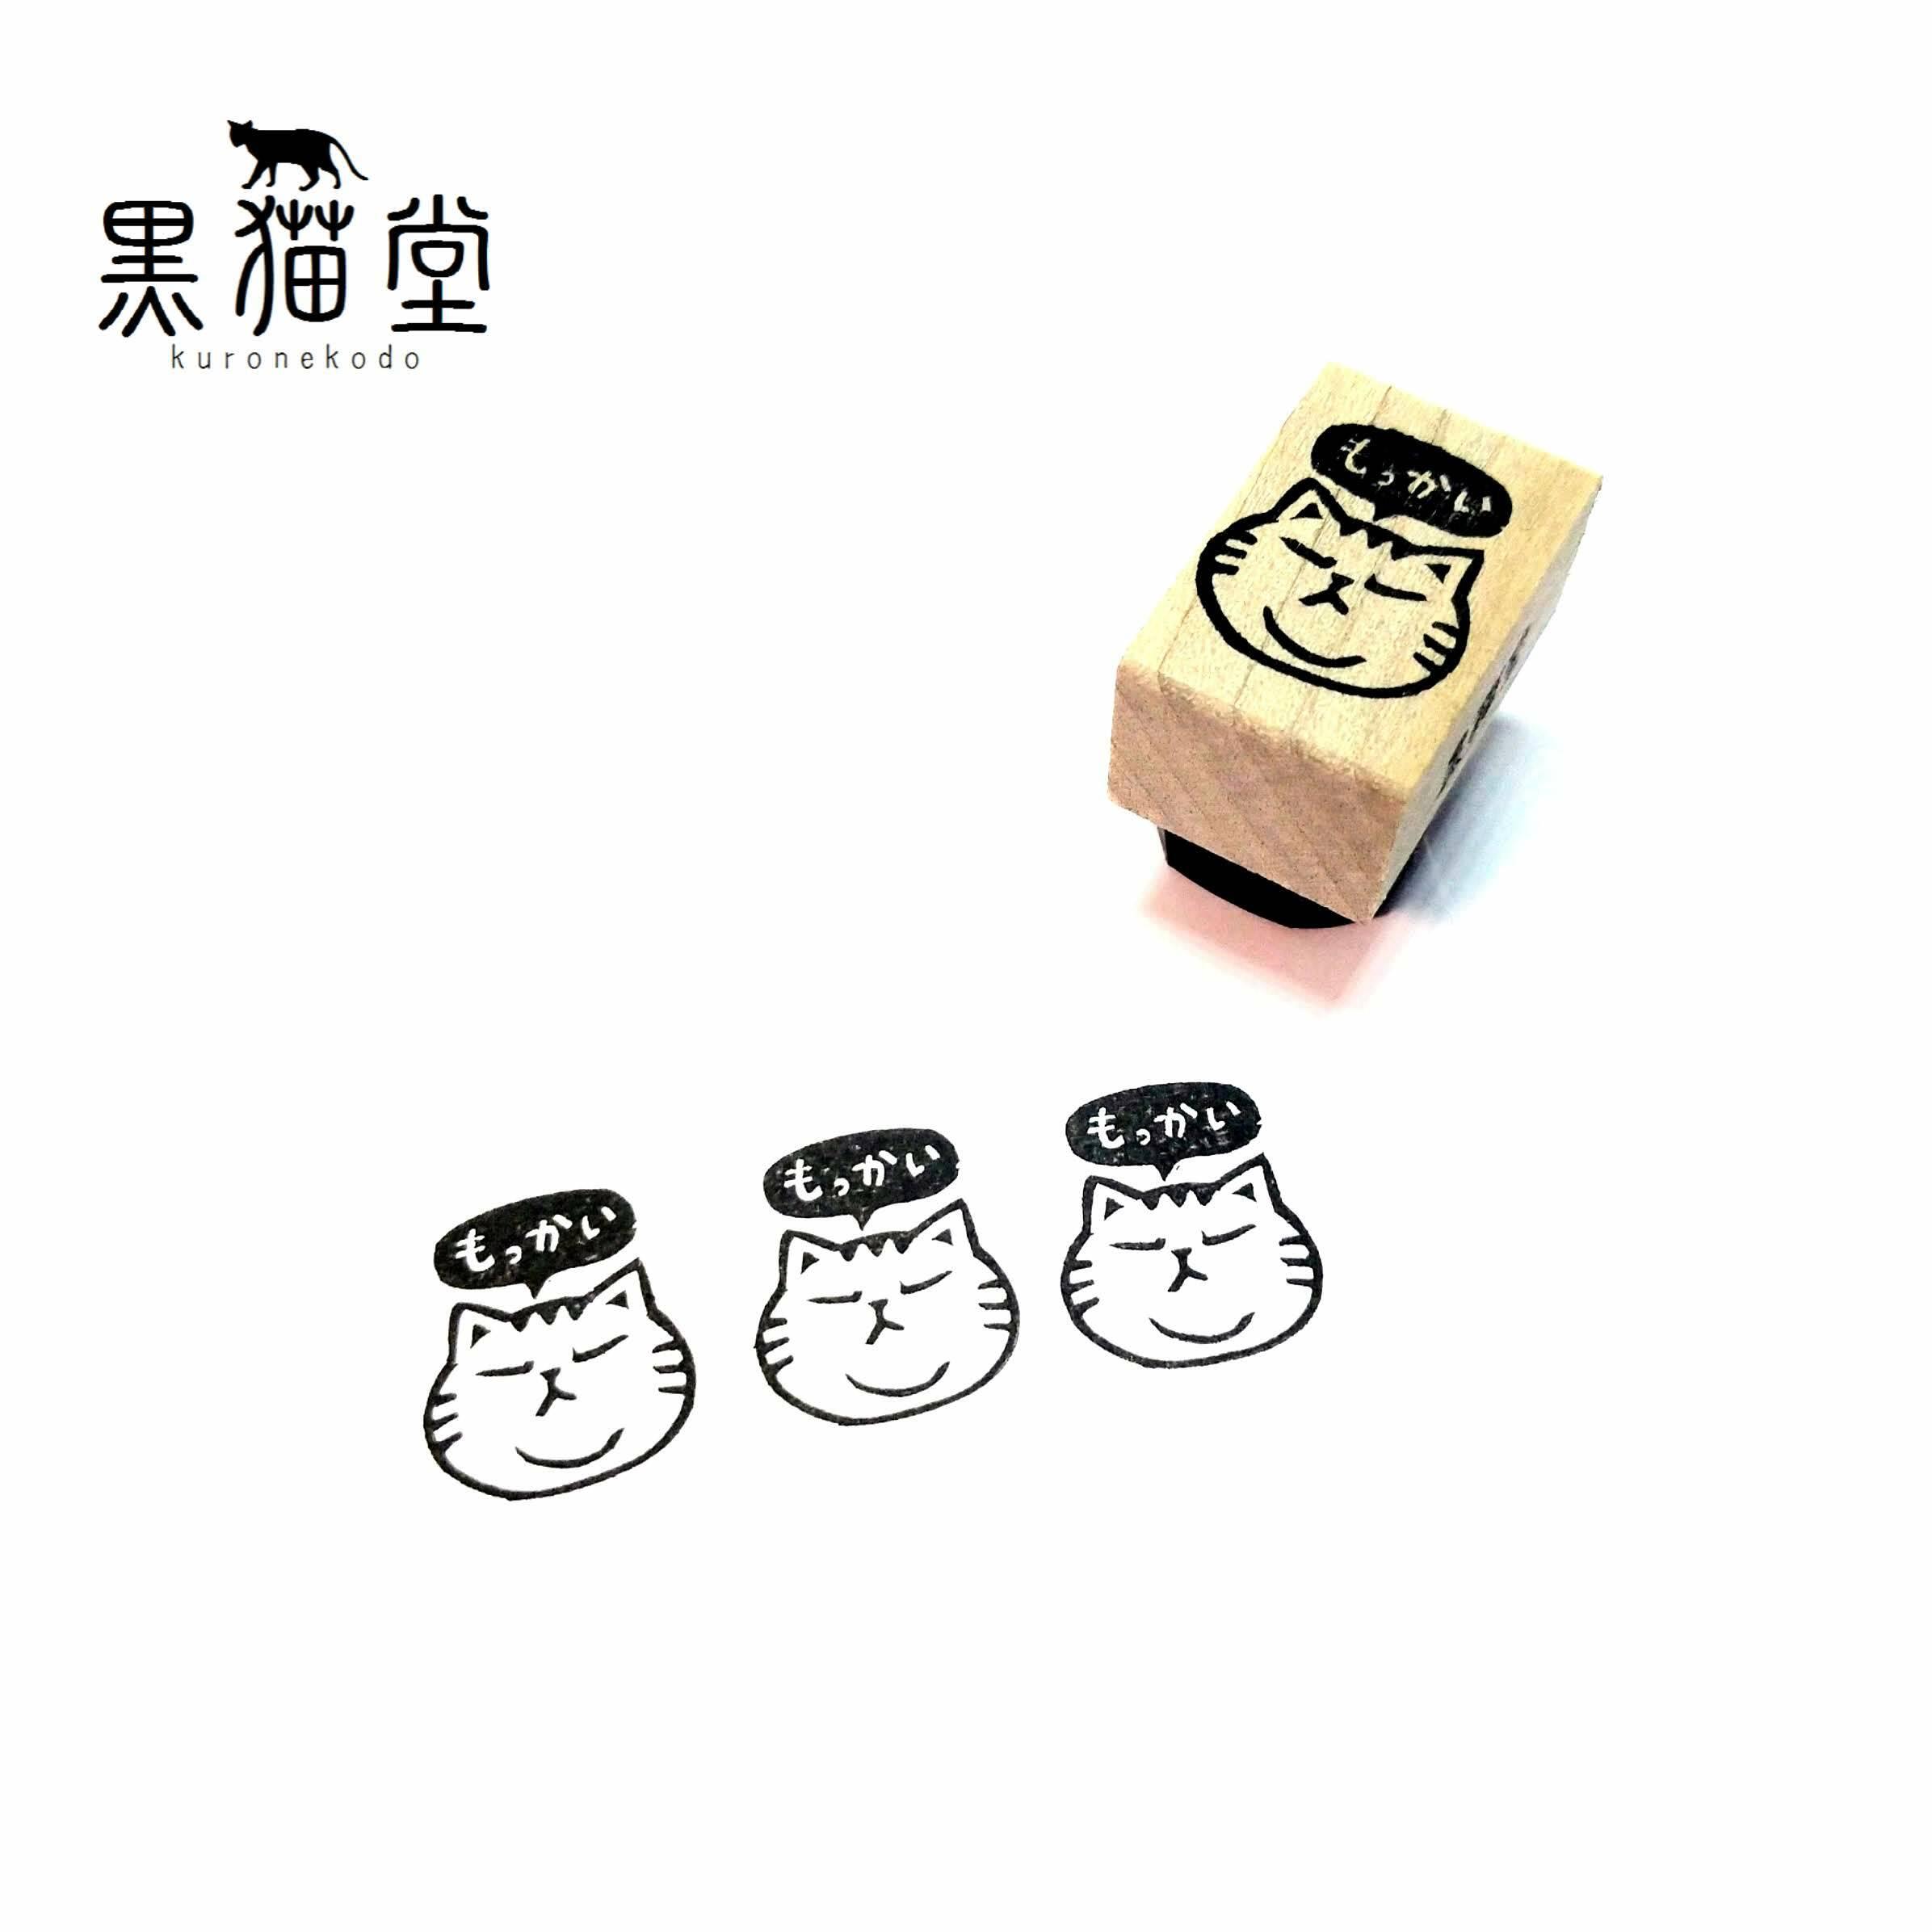 関西弁ネコ「もっかい」